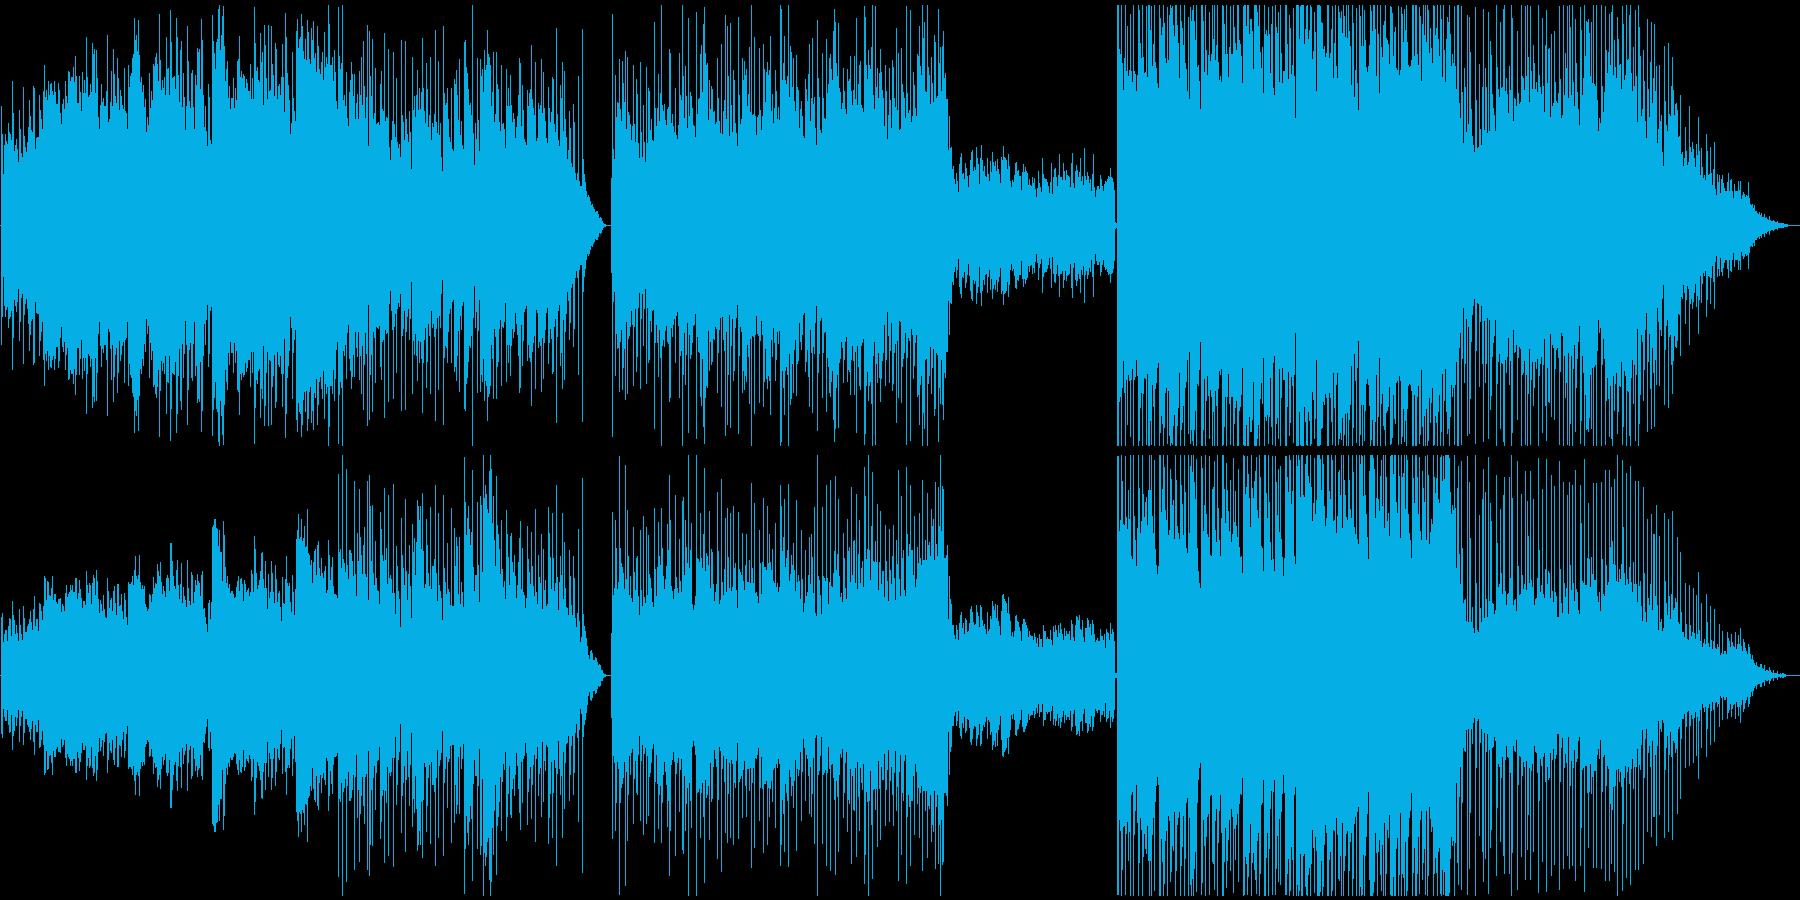 チル:夏の時間経過をゆったり感じられる曲の再生済みの波形